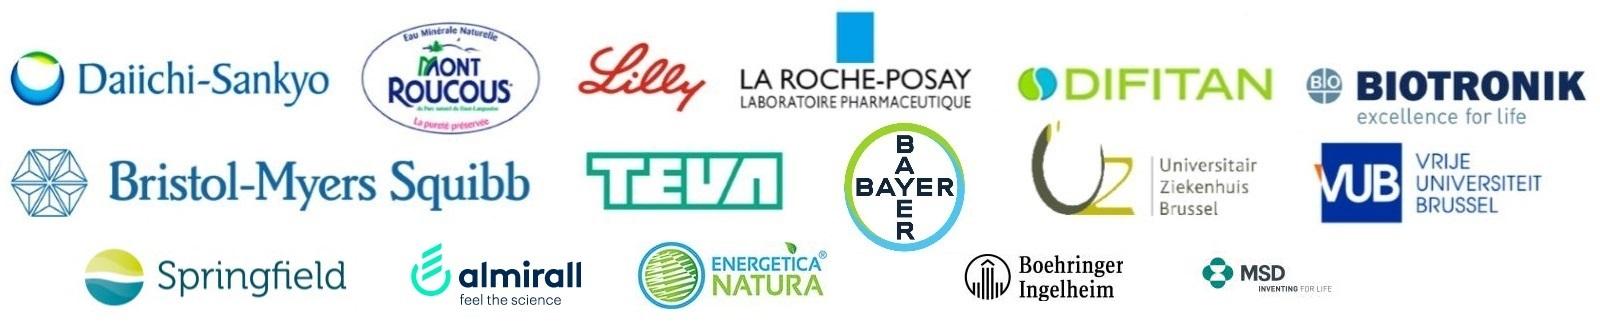 De sponsors van het LifeMe Congres 2019